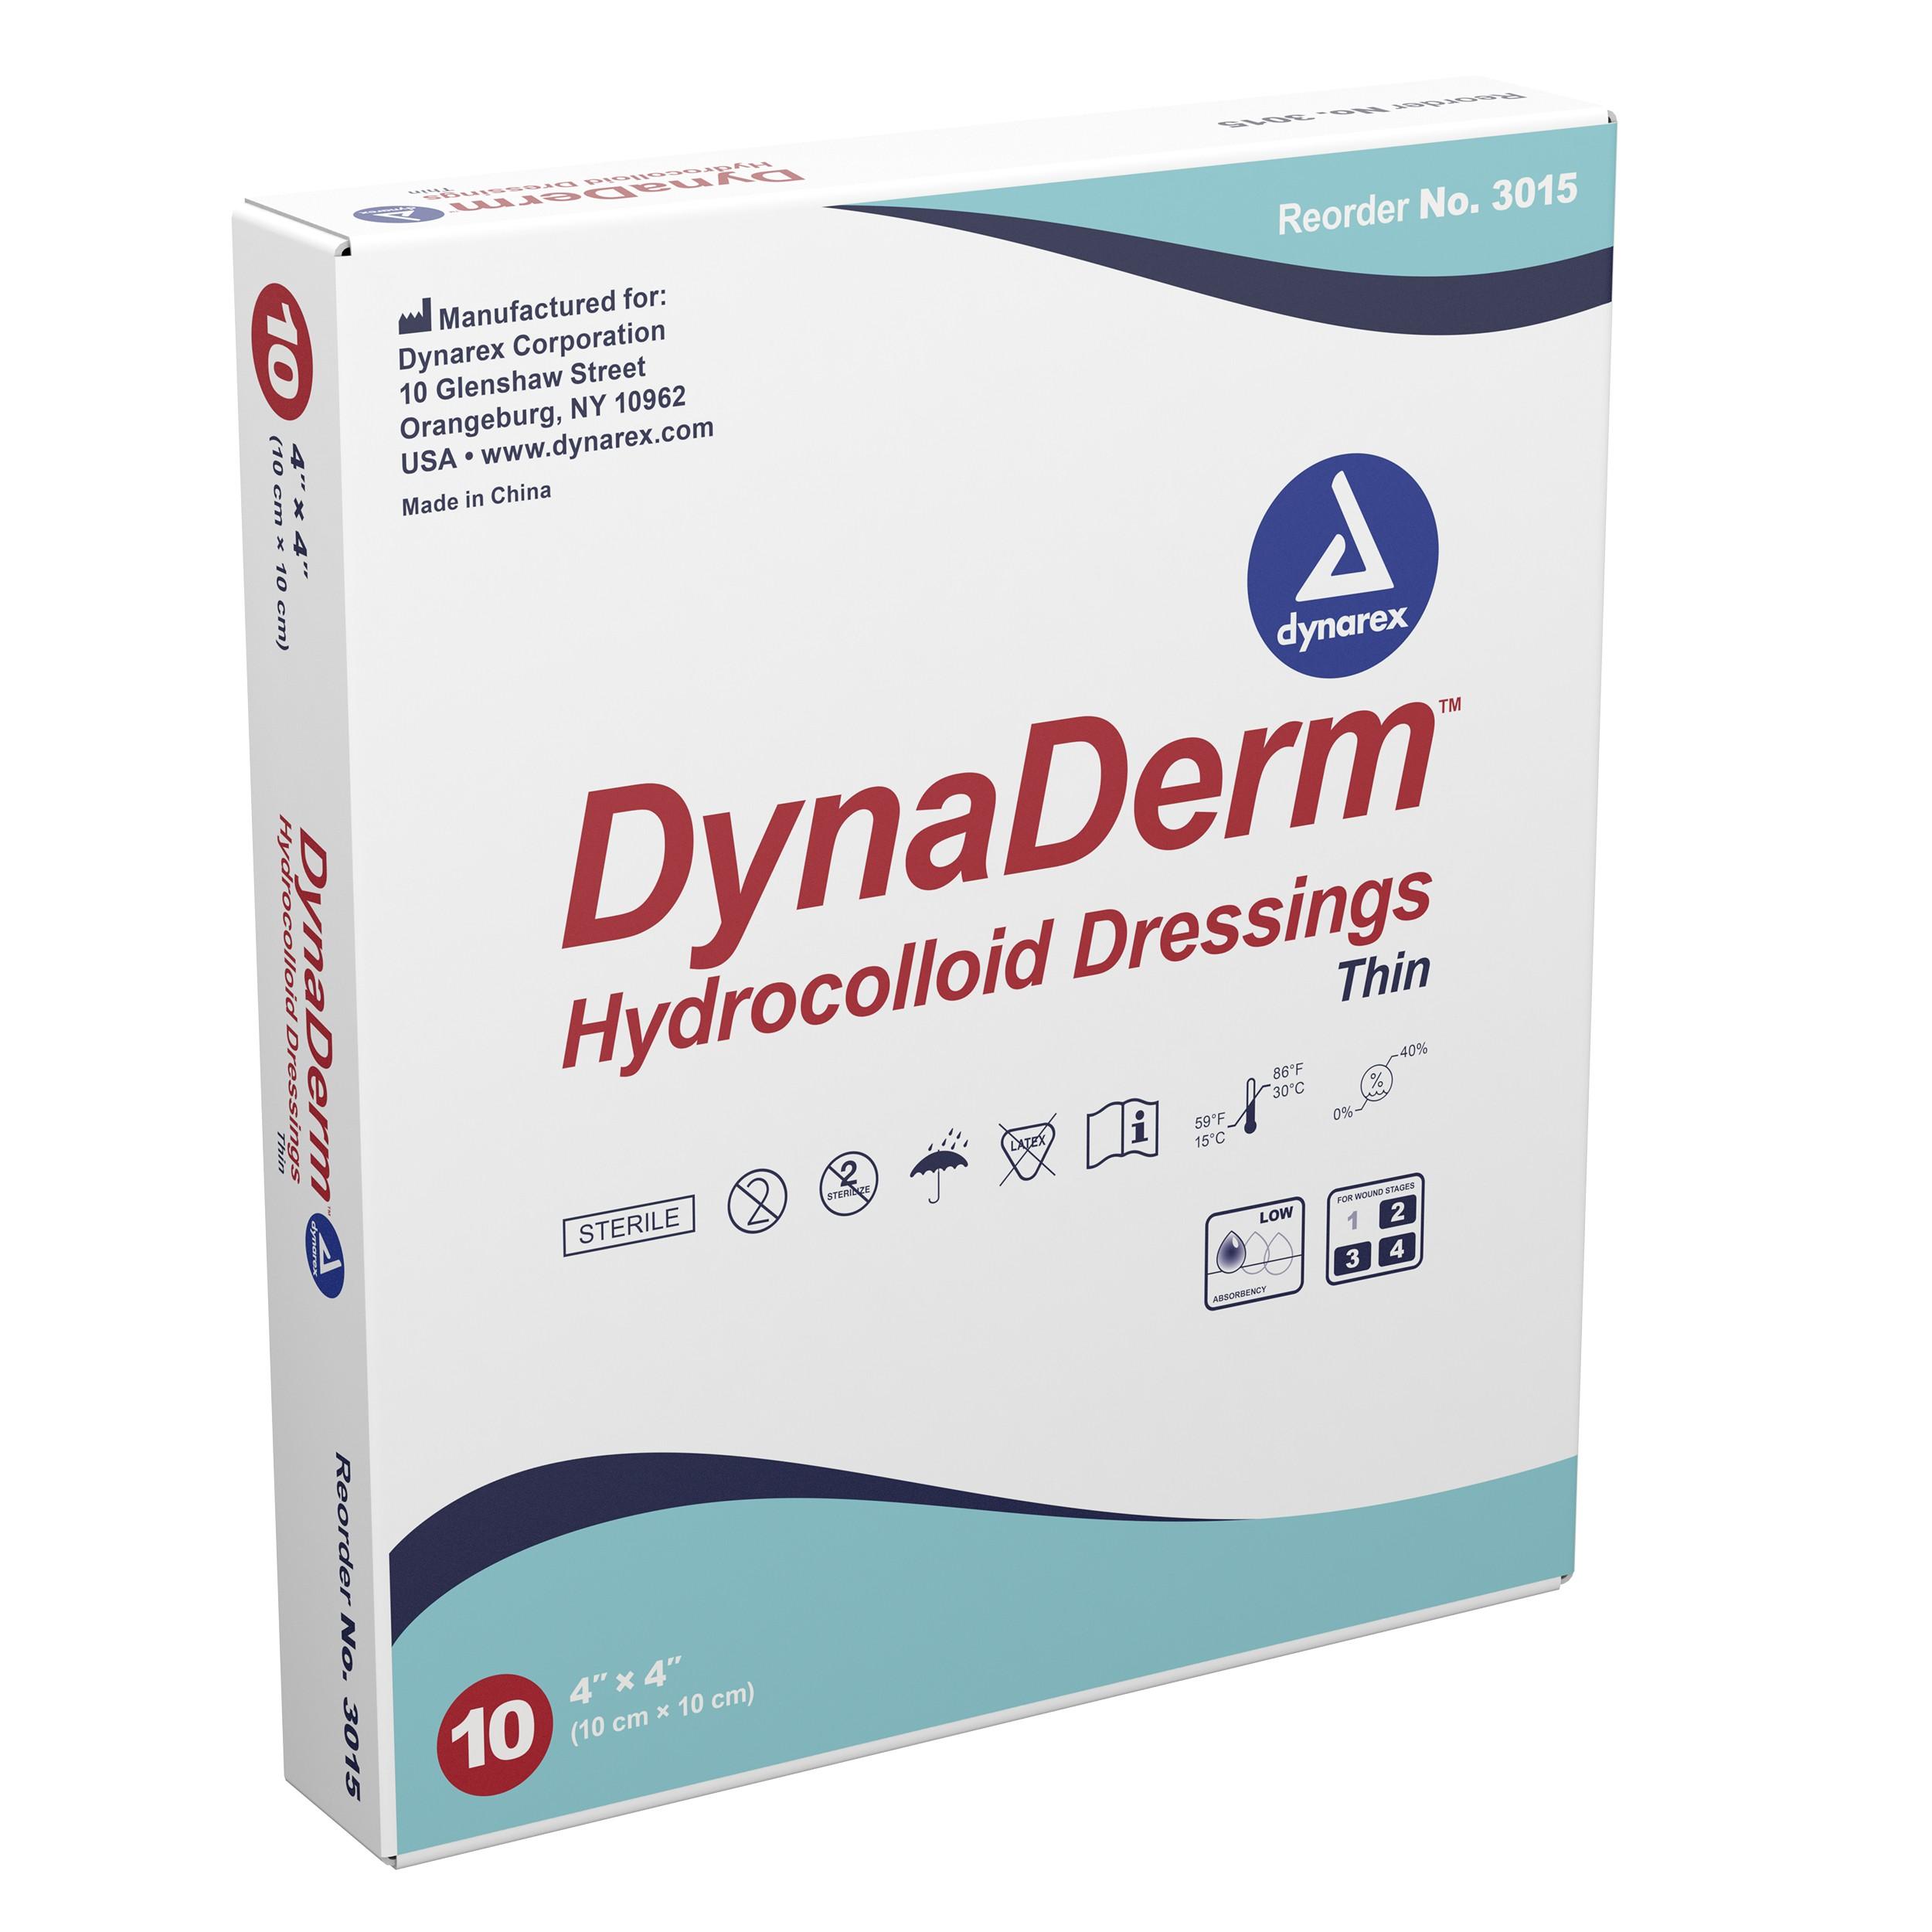 """DynaDerm - Hydrocolloid Dressing - Thin, 2"""" x 2"""" 12/20/Cs"""